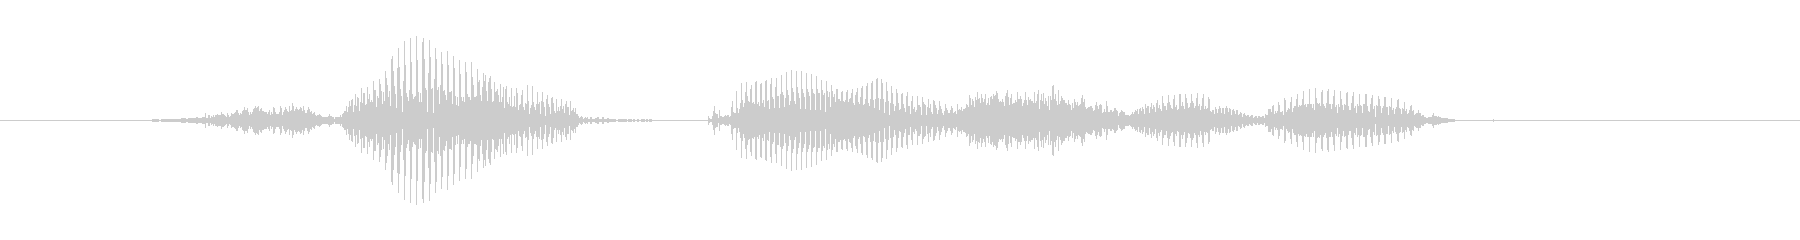 再開するの未再生の波形